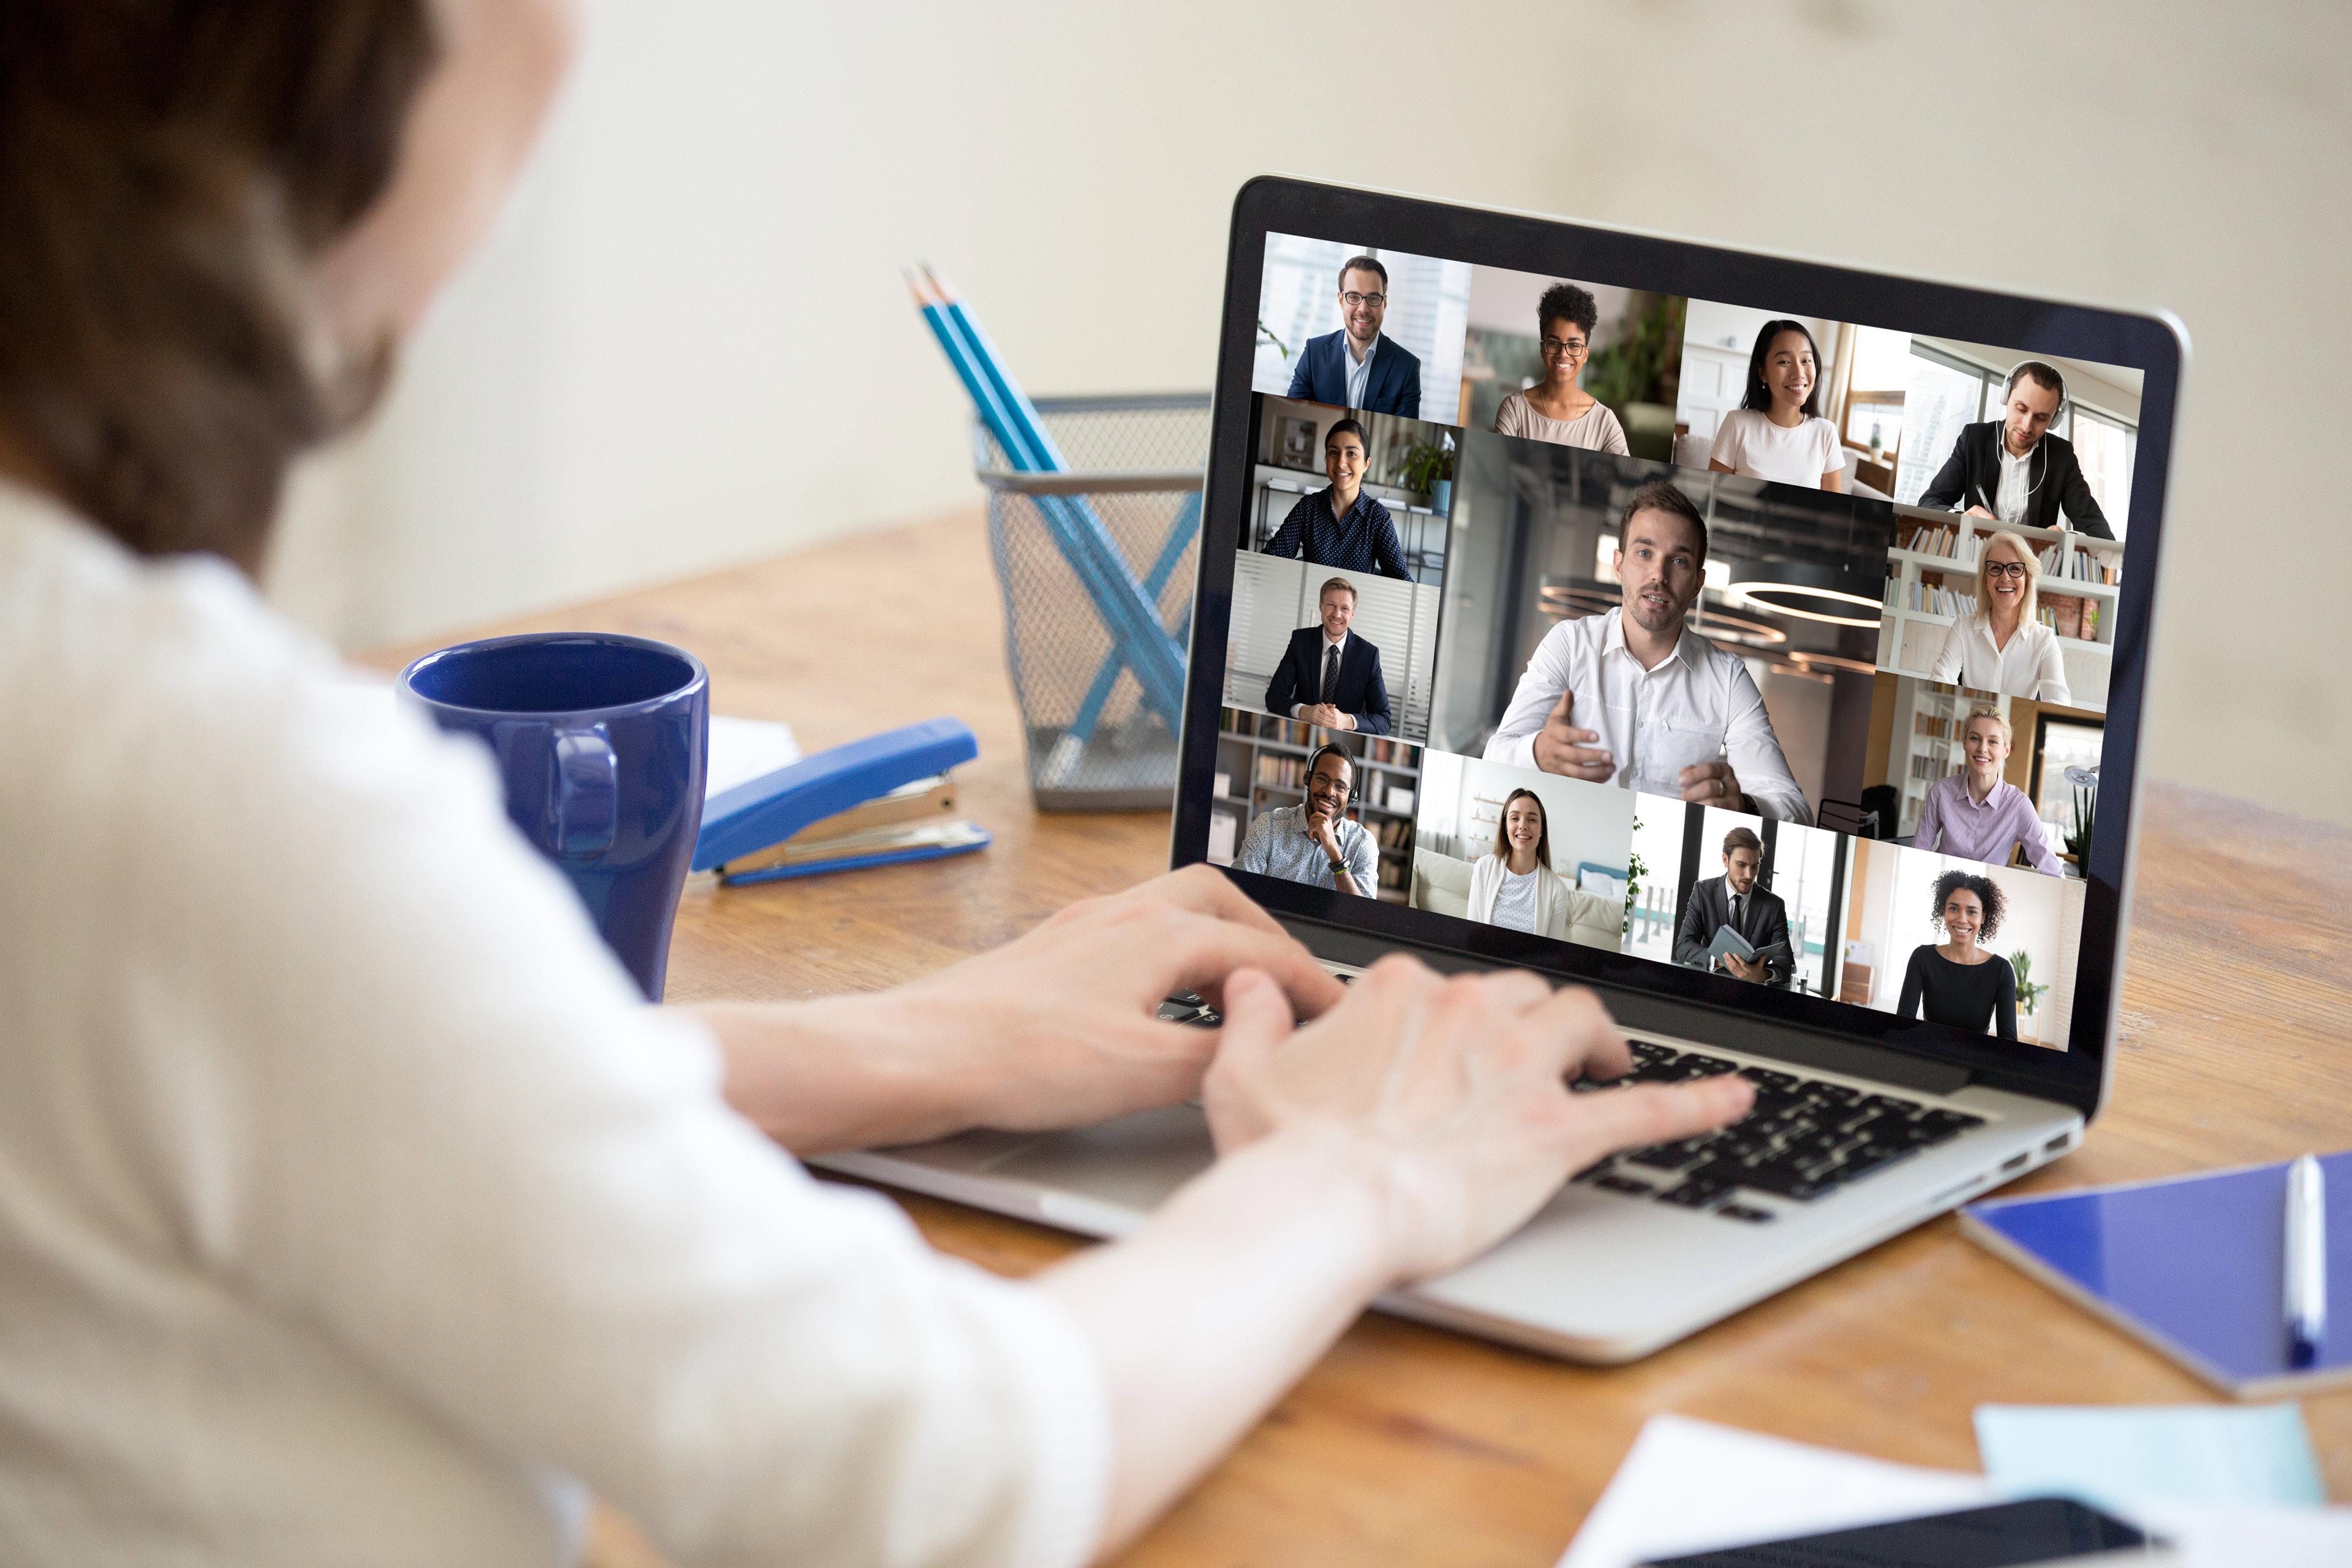 Verschillende zakenmensen die deelnemen aan een groepsvideogesprek